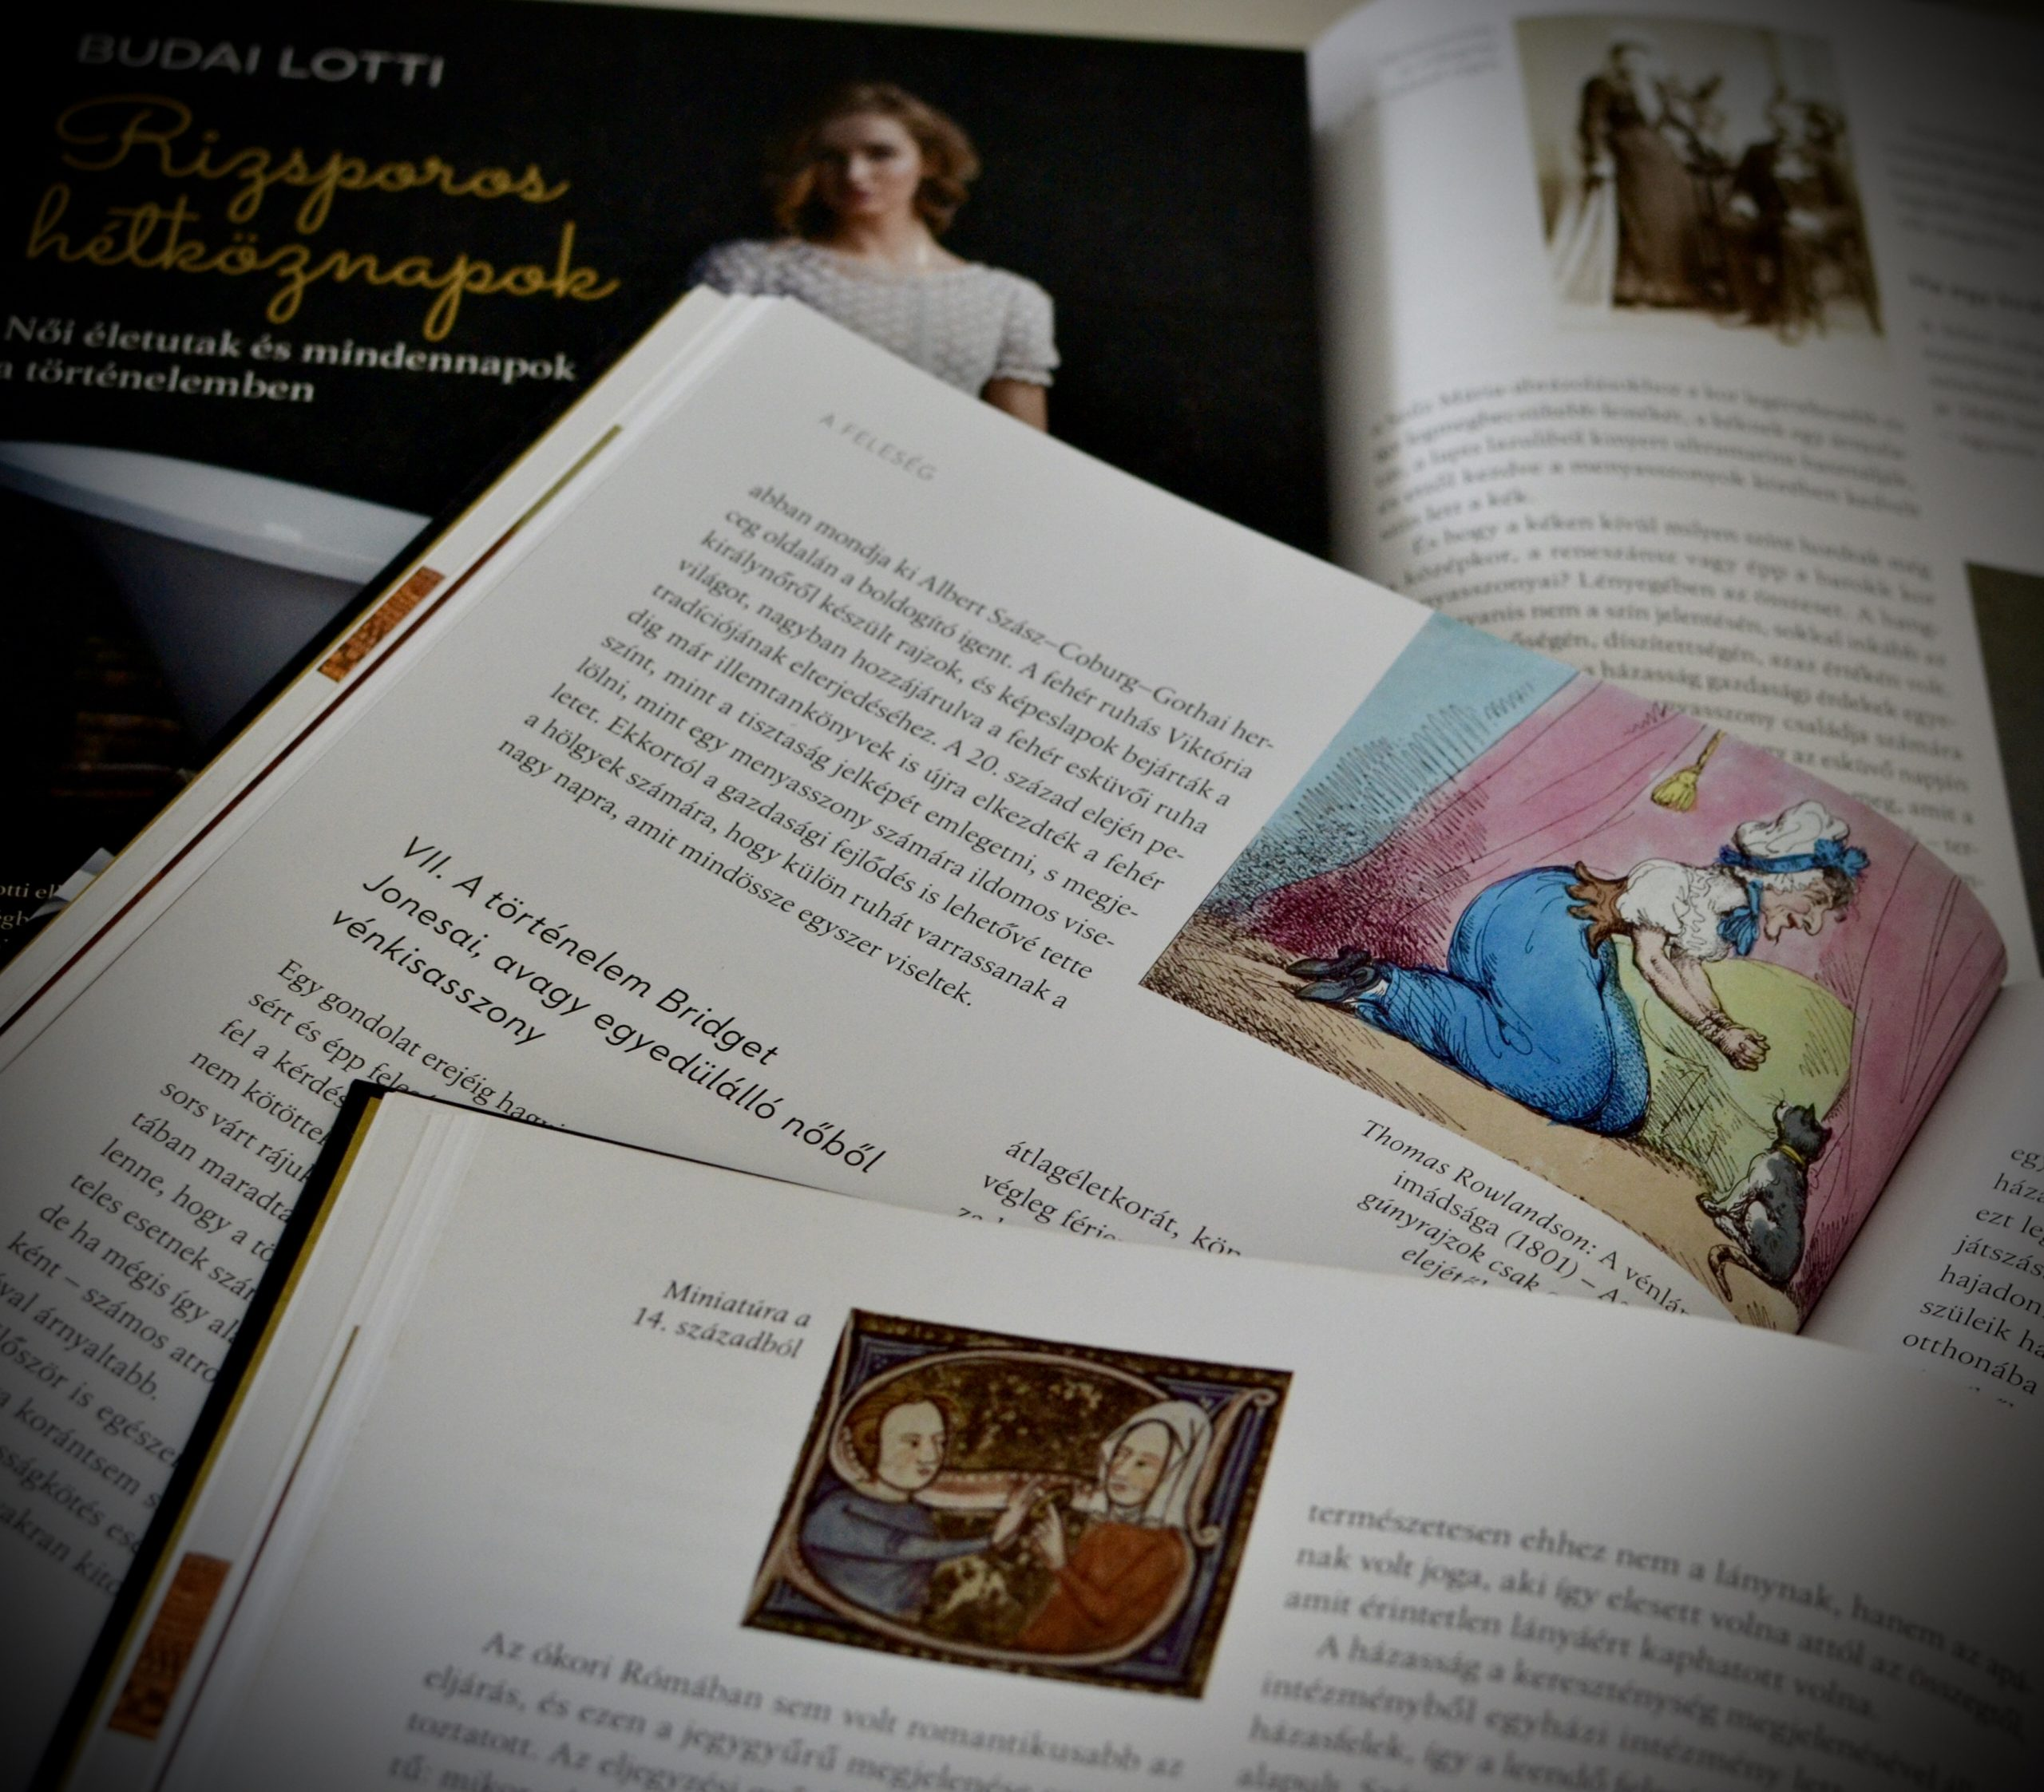 divat-könyv-női-életek-Rizsporos -hétköznapok